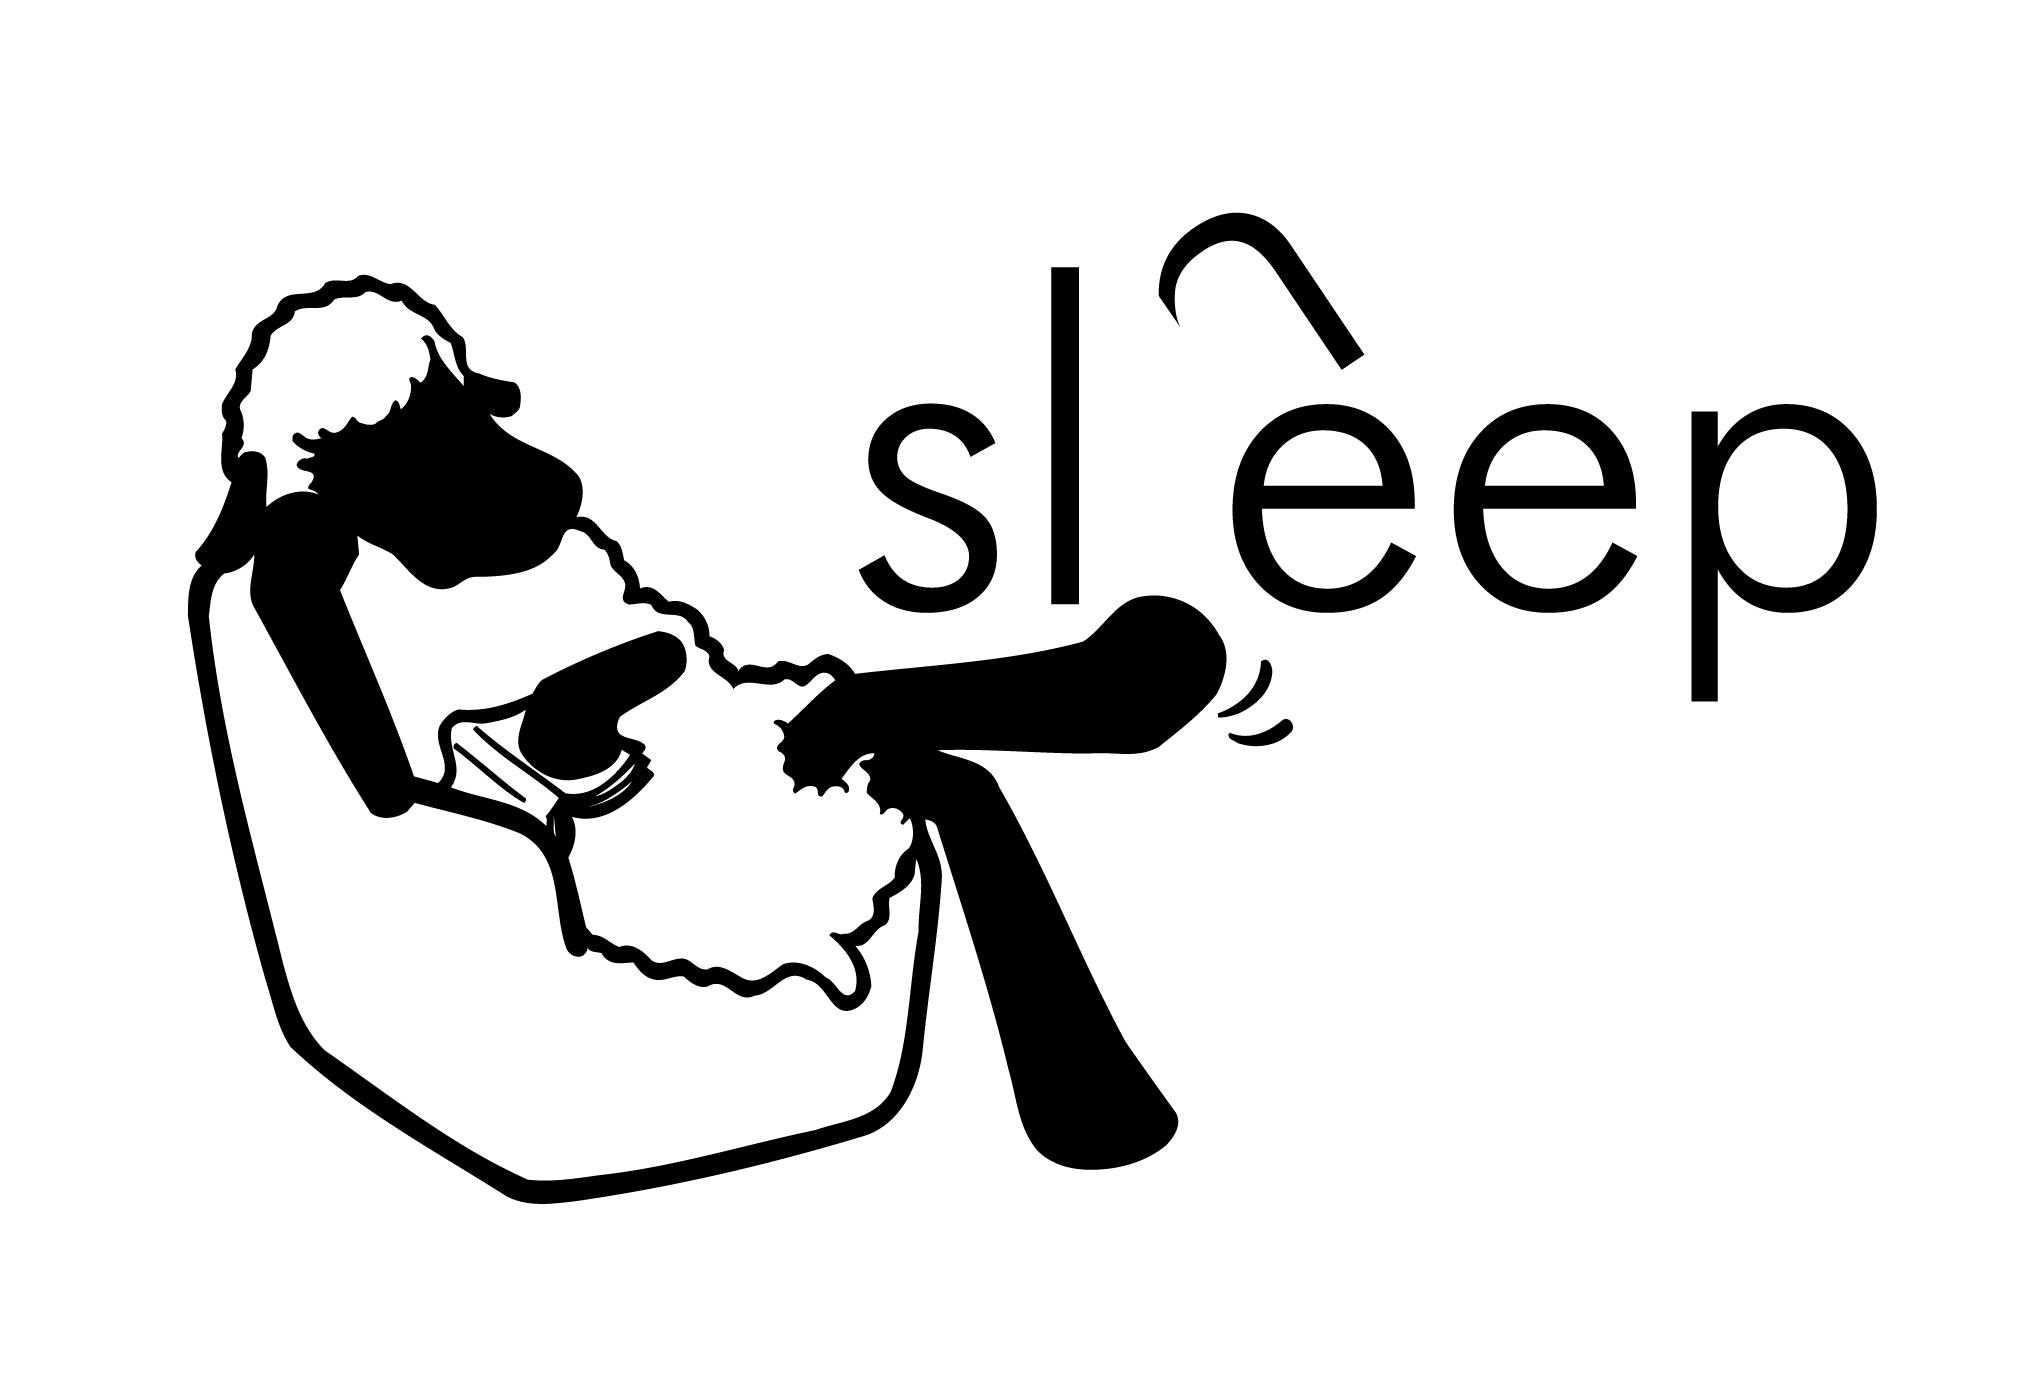 2003年賀状13:Sheep, Sleepのダウンロード画像